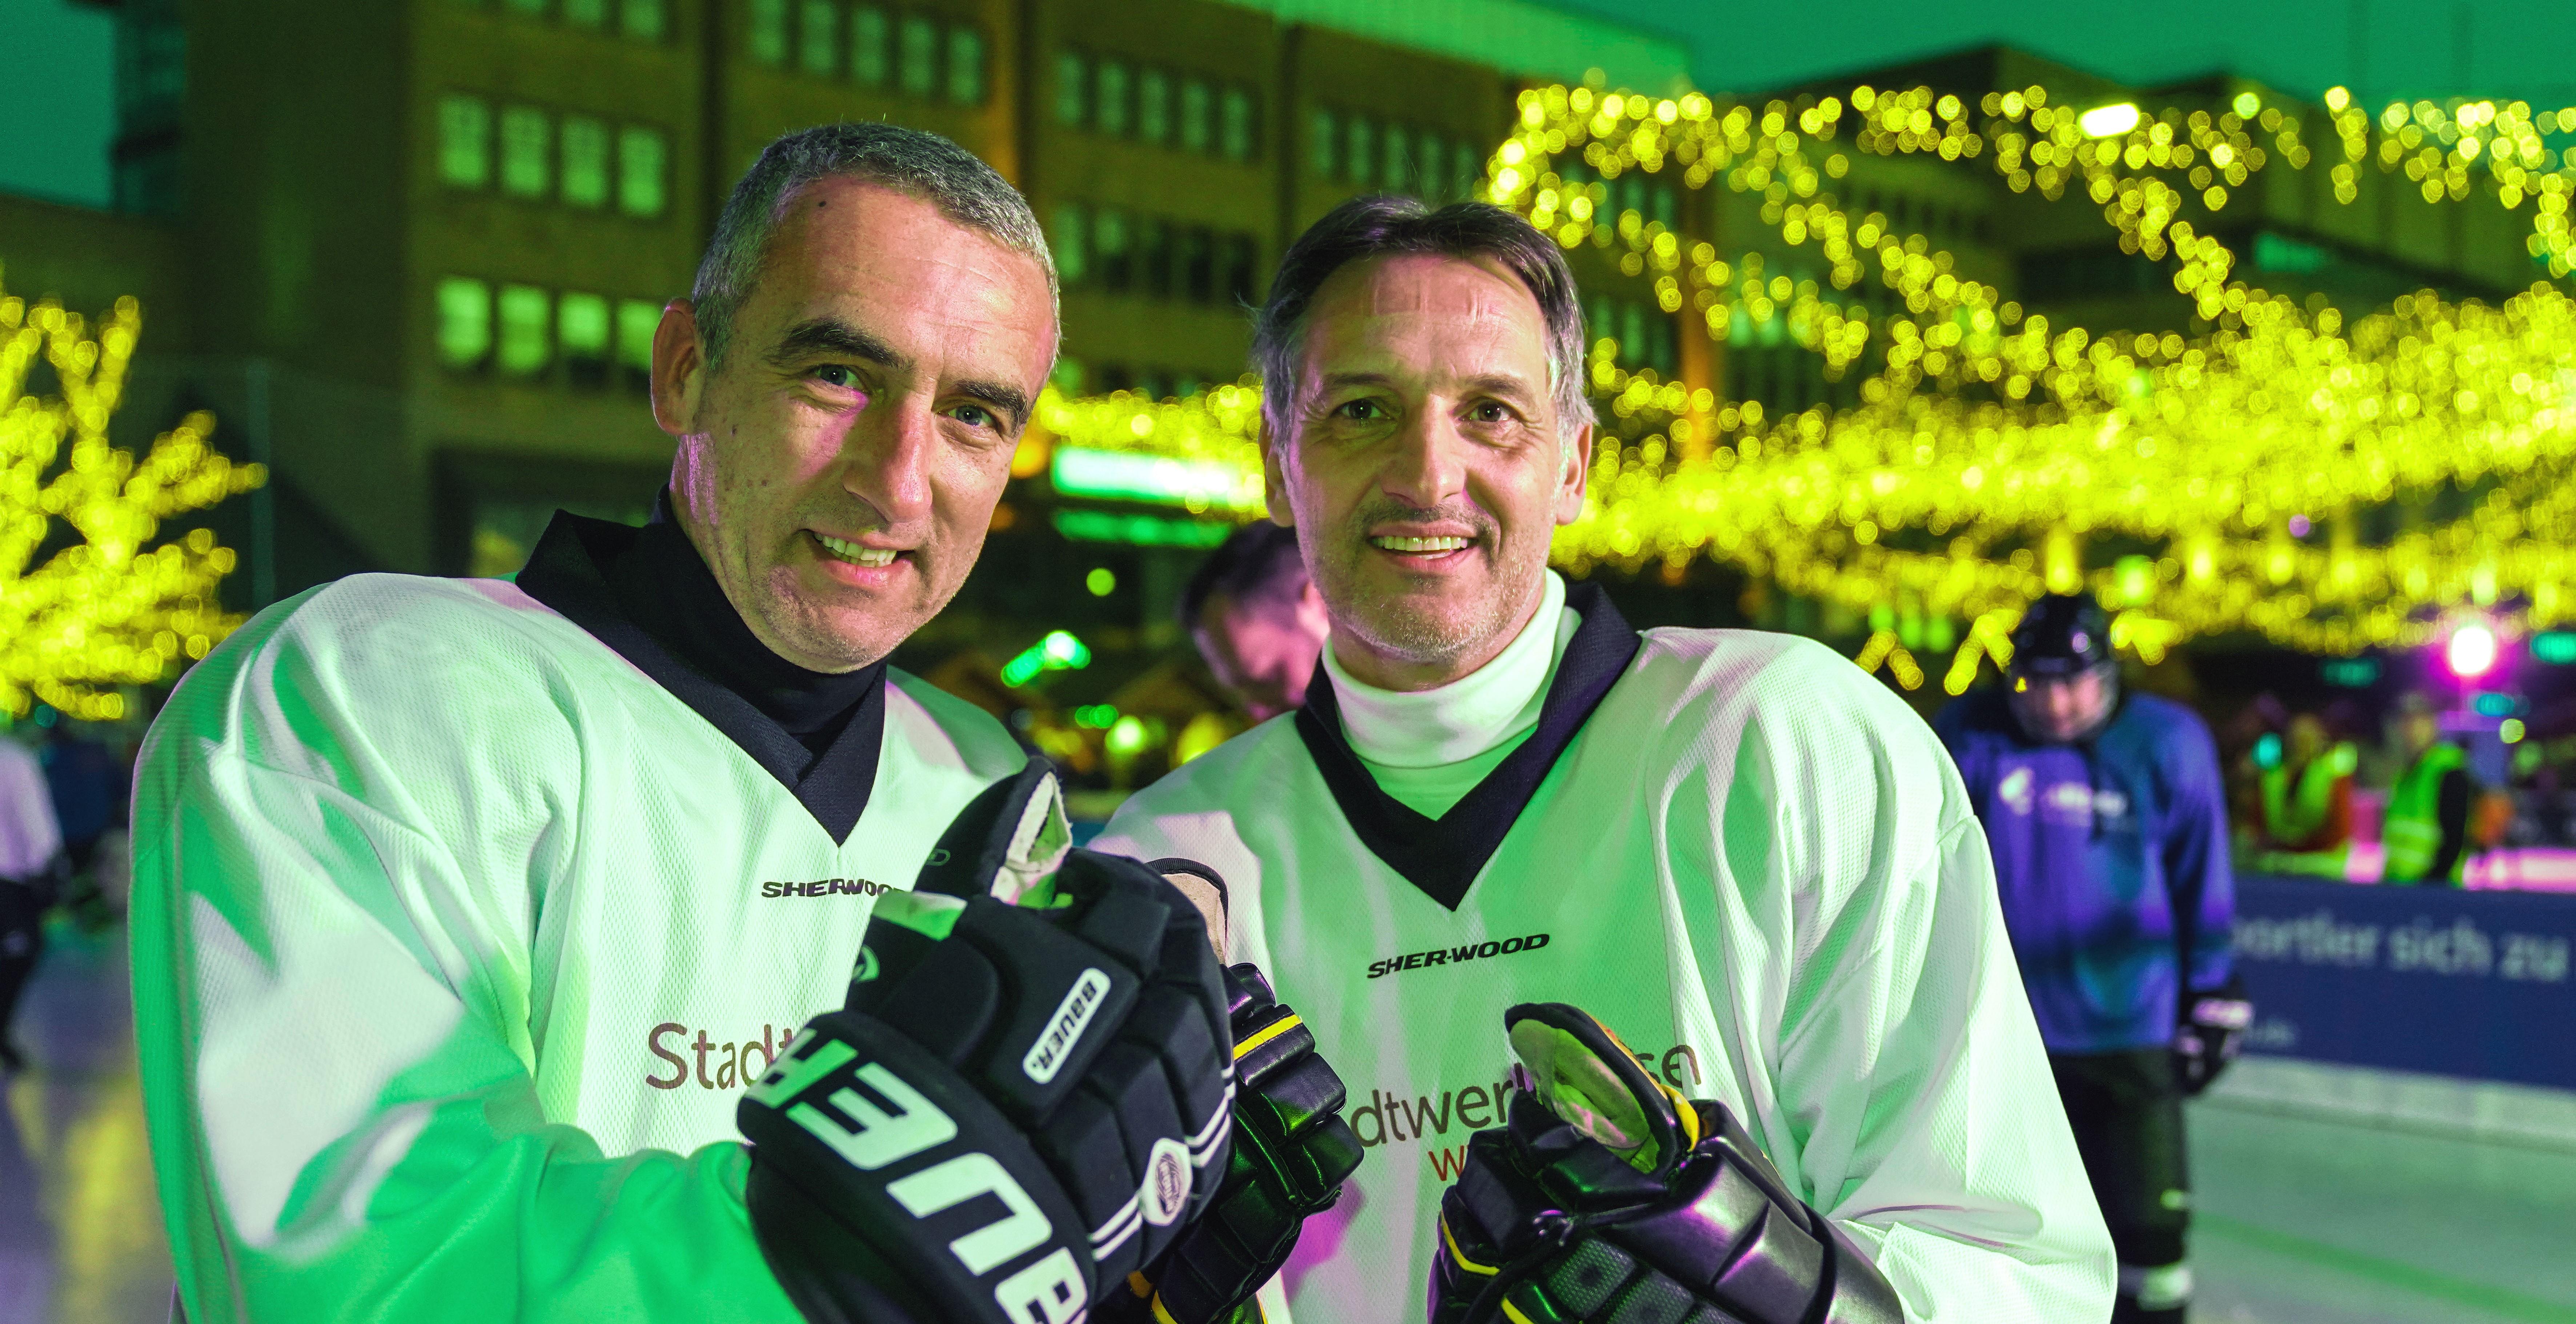 Marcus Uhlig und Thomas Böttcher (Wohnbau Rockets) standen für die StadtwerkeAllstars auf dem Eis. (Foto: Gohl)